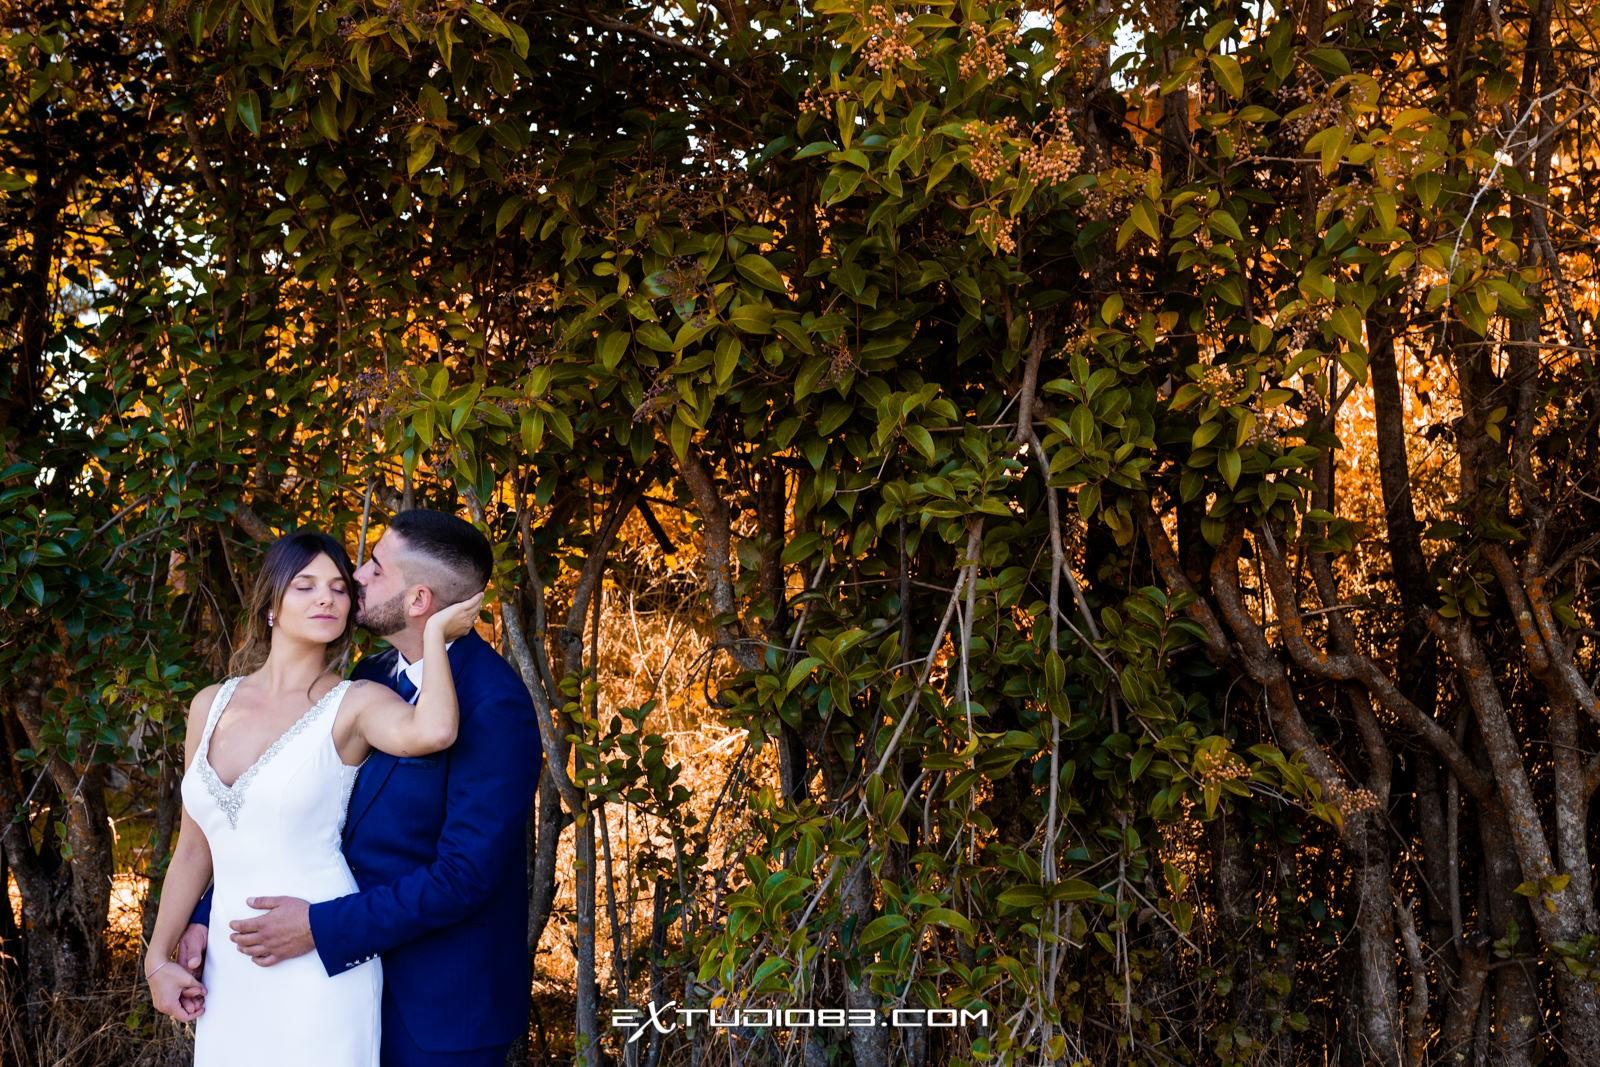 fotografo-bodas-extremadura-001